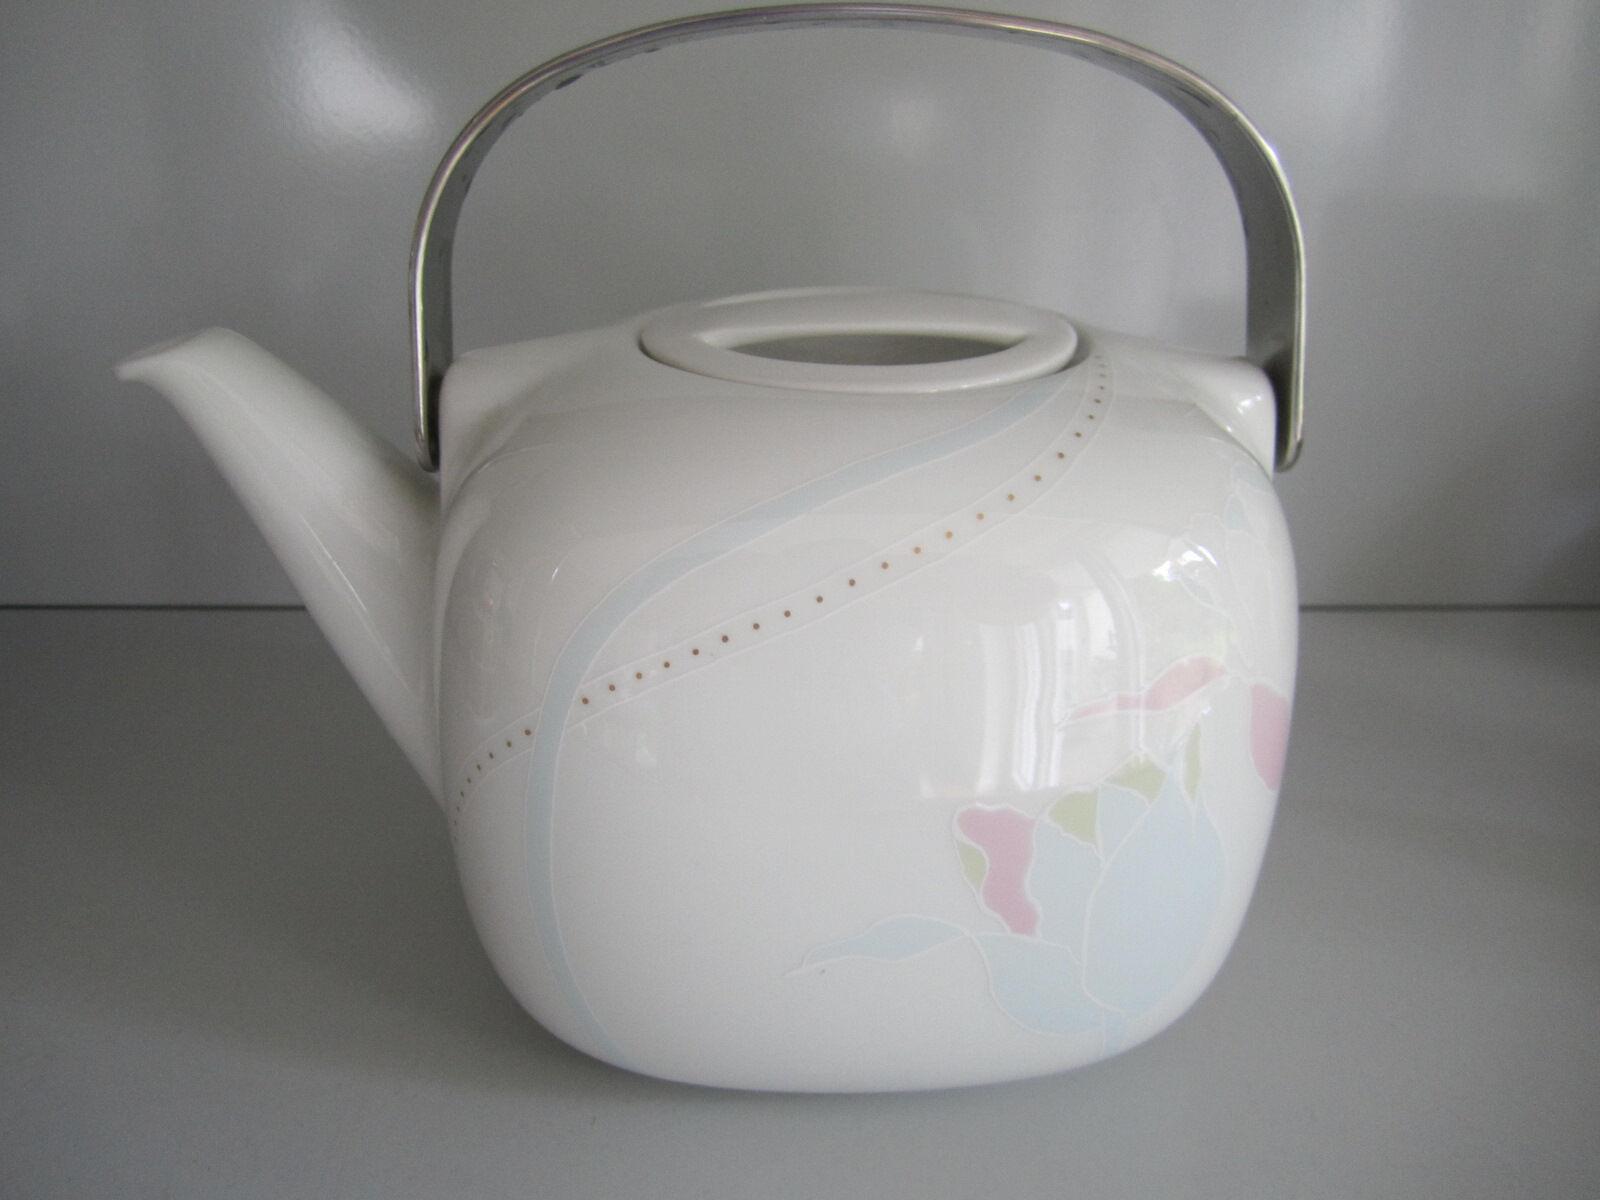 Rosenthal Suomi Sharon Théière 1,34 L Sarpaneva tea-pot or I. Choix